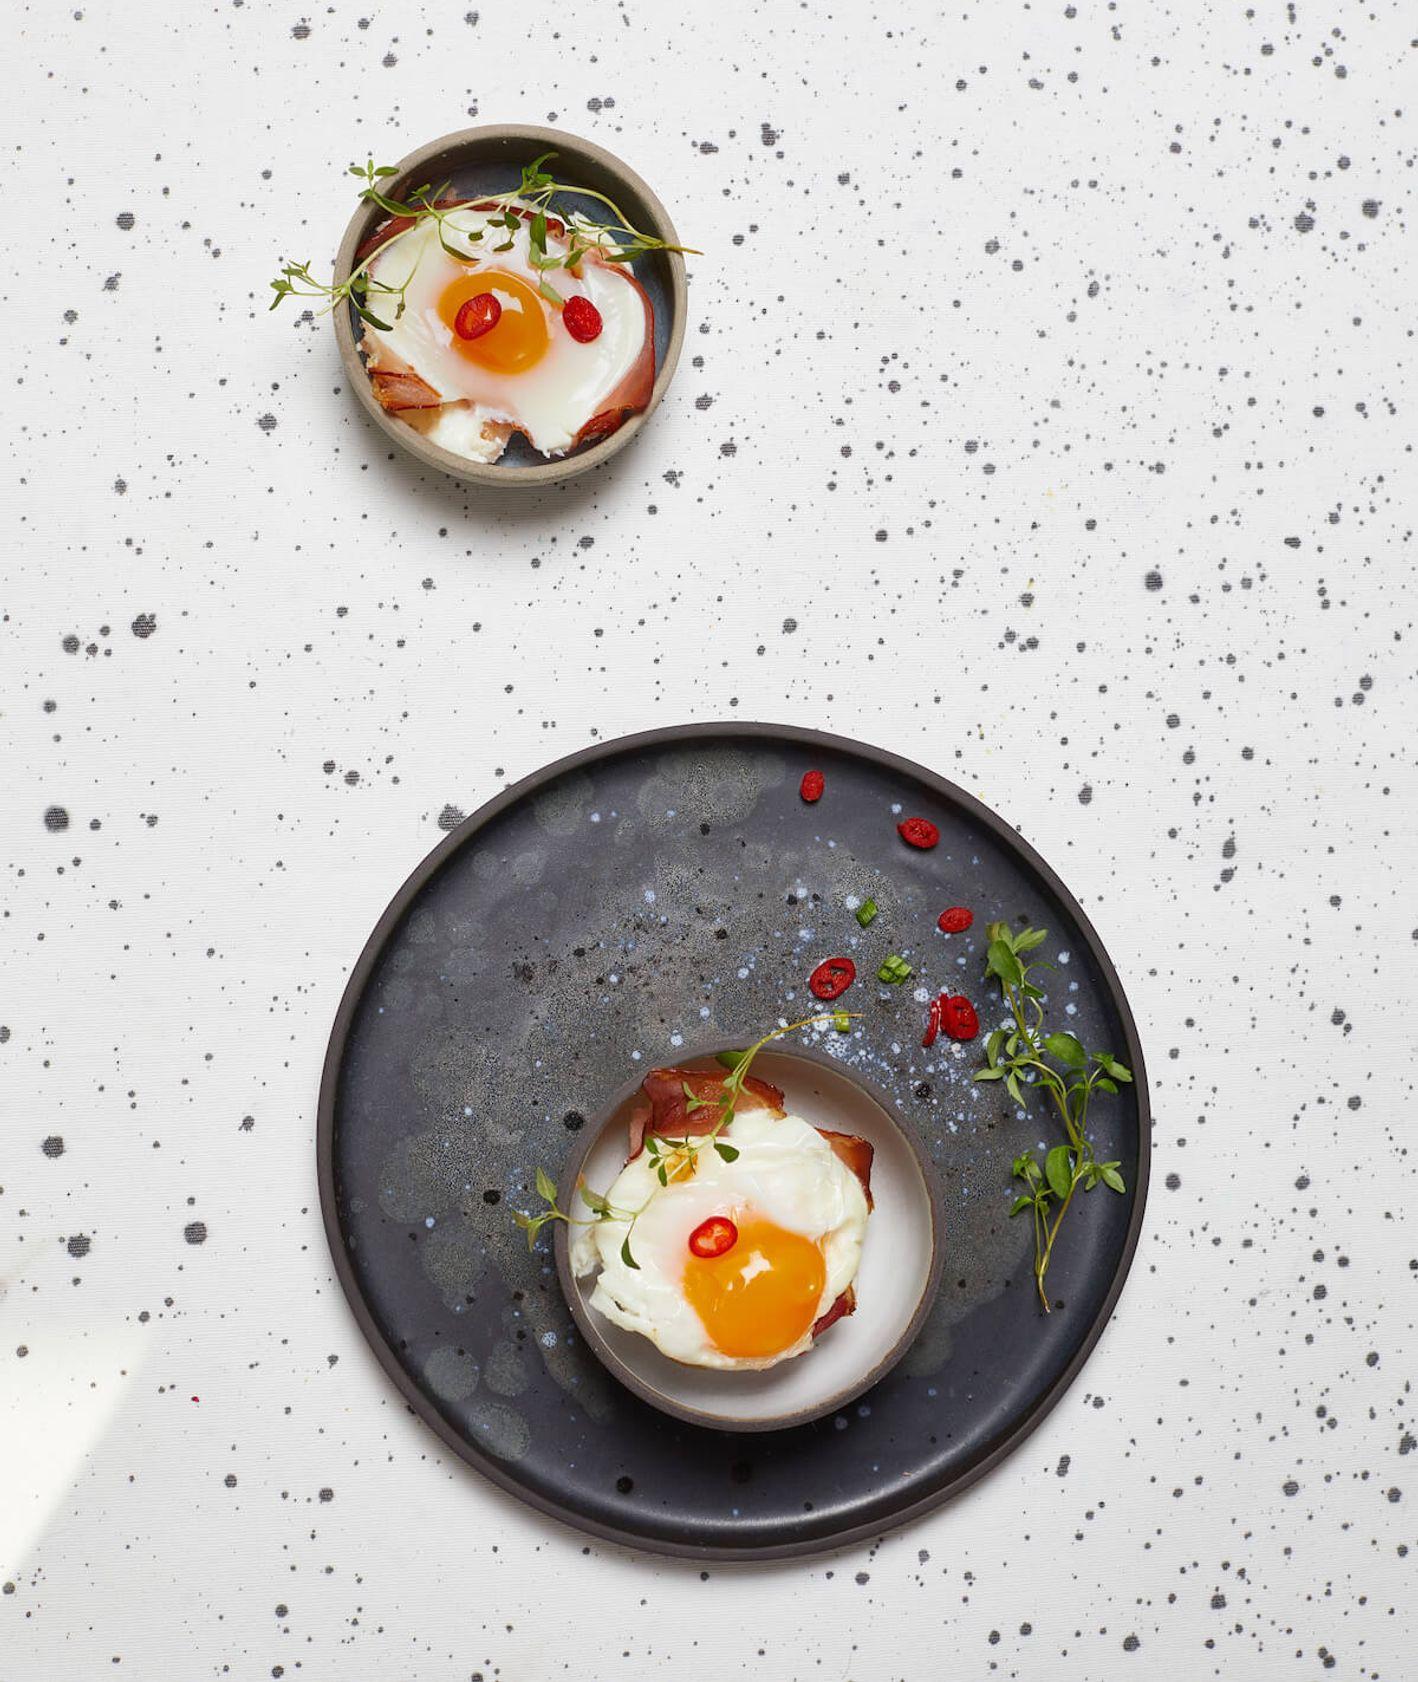 jajka zapiekane w szynce, jajka w szynce, pieczone jajka, śniadanie wielkanocne, Wielkanoc